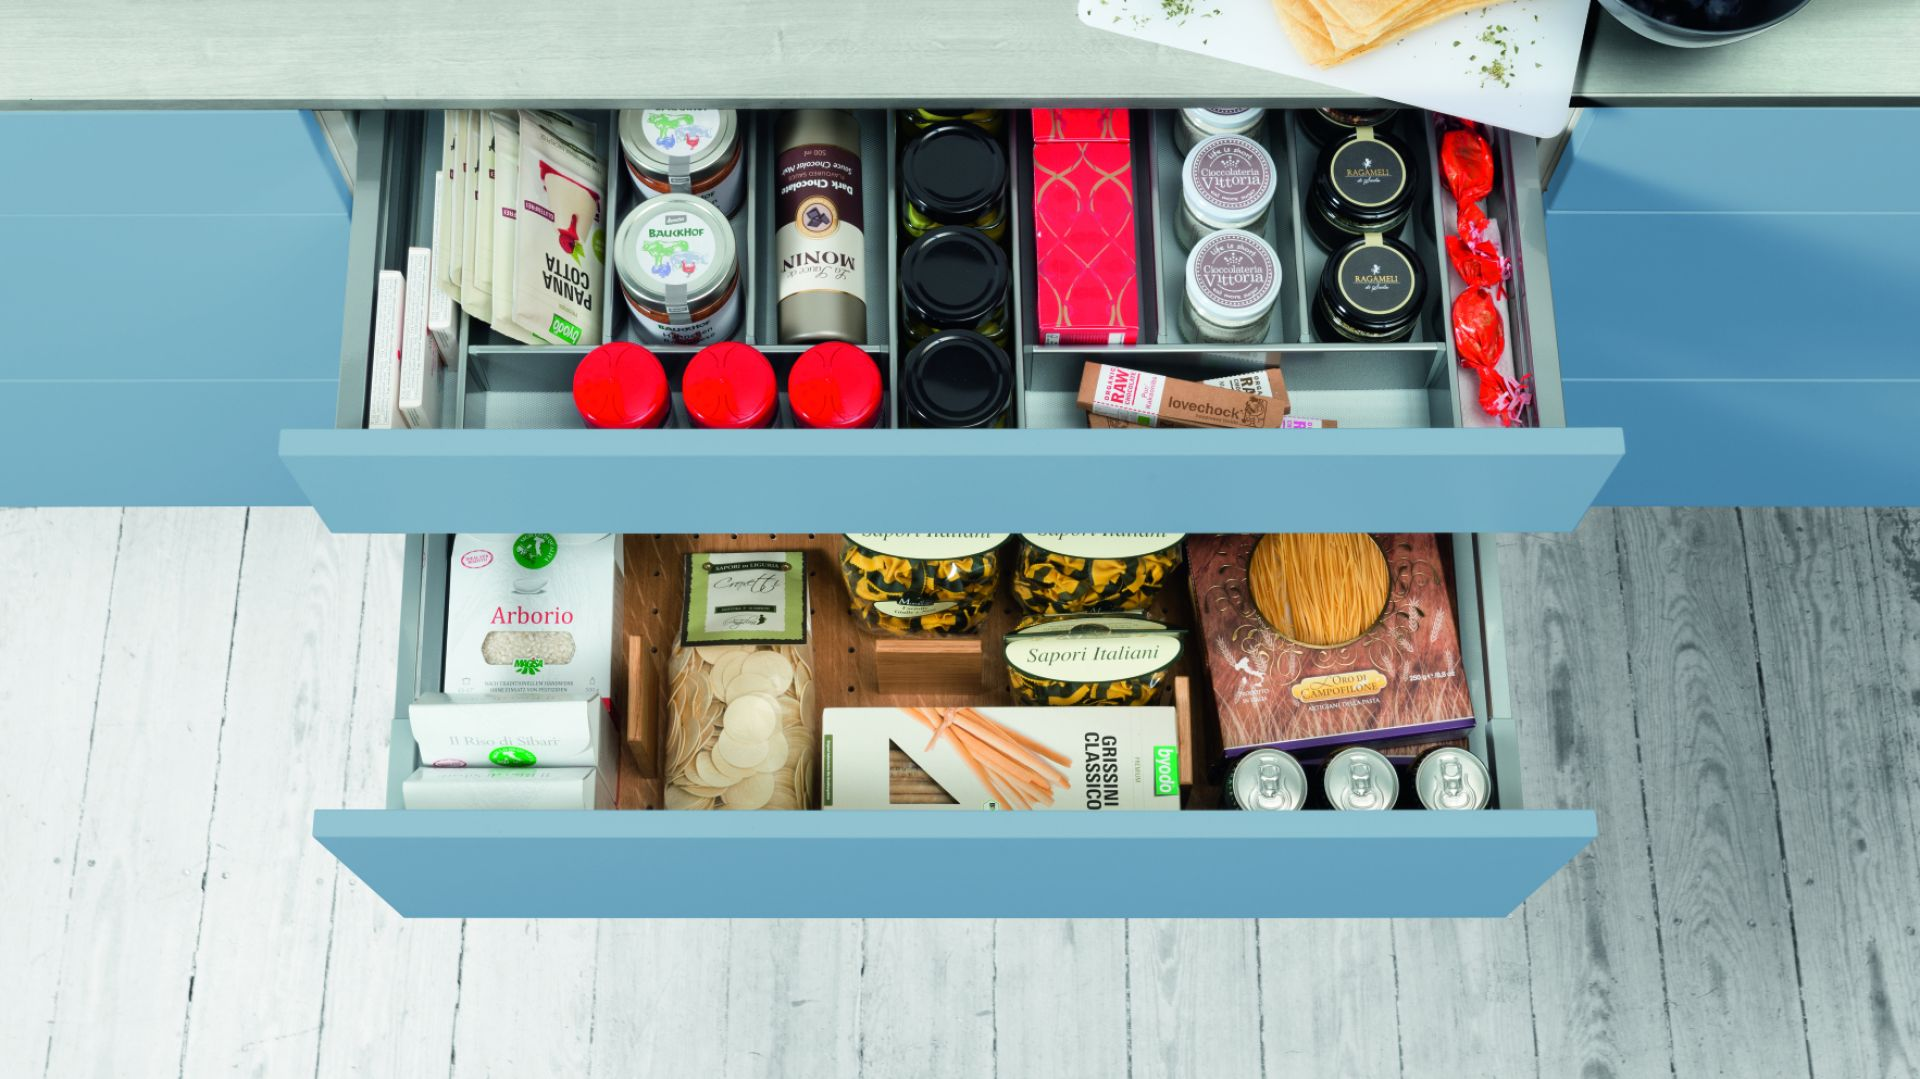 OrgaStore 240 pomoże zoptymalizować powierzchnię szuflady i zaprowadzi porządek wśród torebek, kartoników i słoików z zapasami. Fot. Hettich